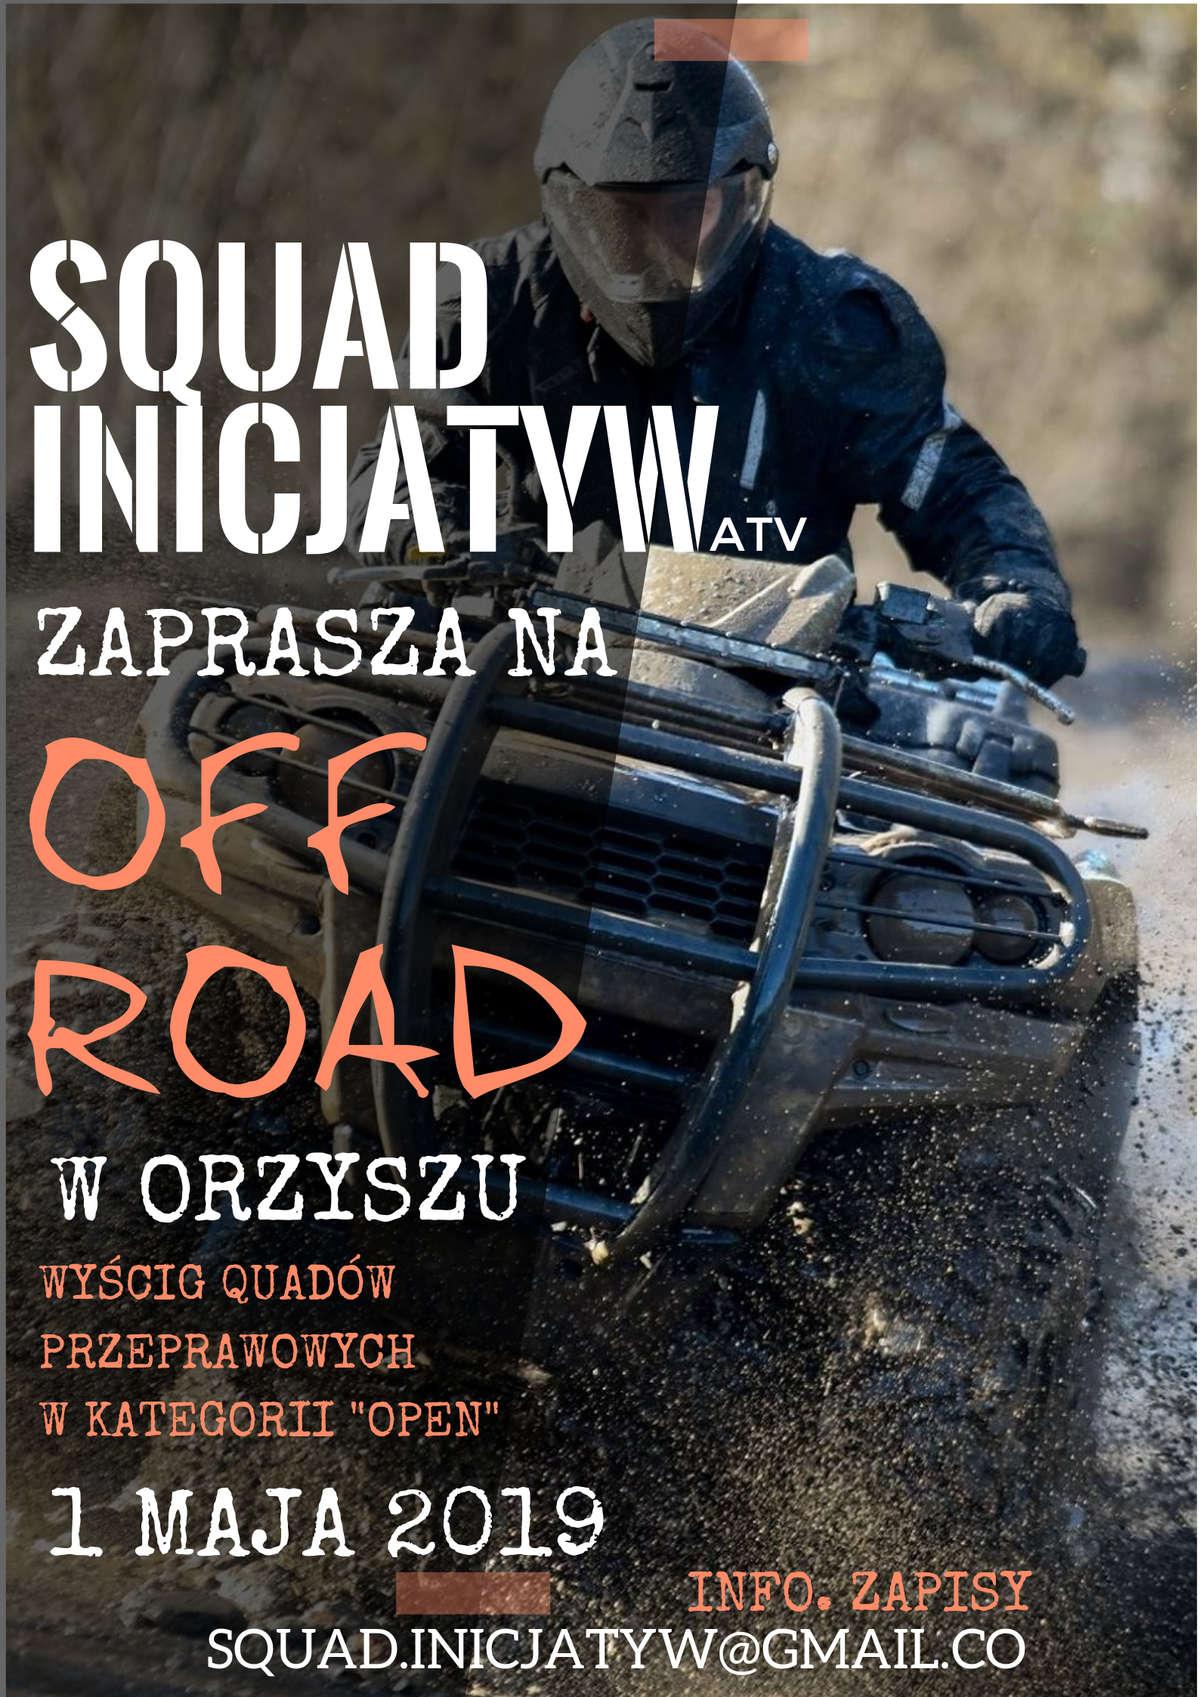 Wyścigi quadów. OFF Road w Orzyszu - full image